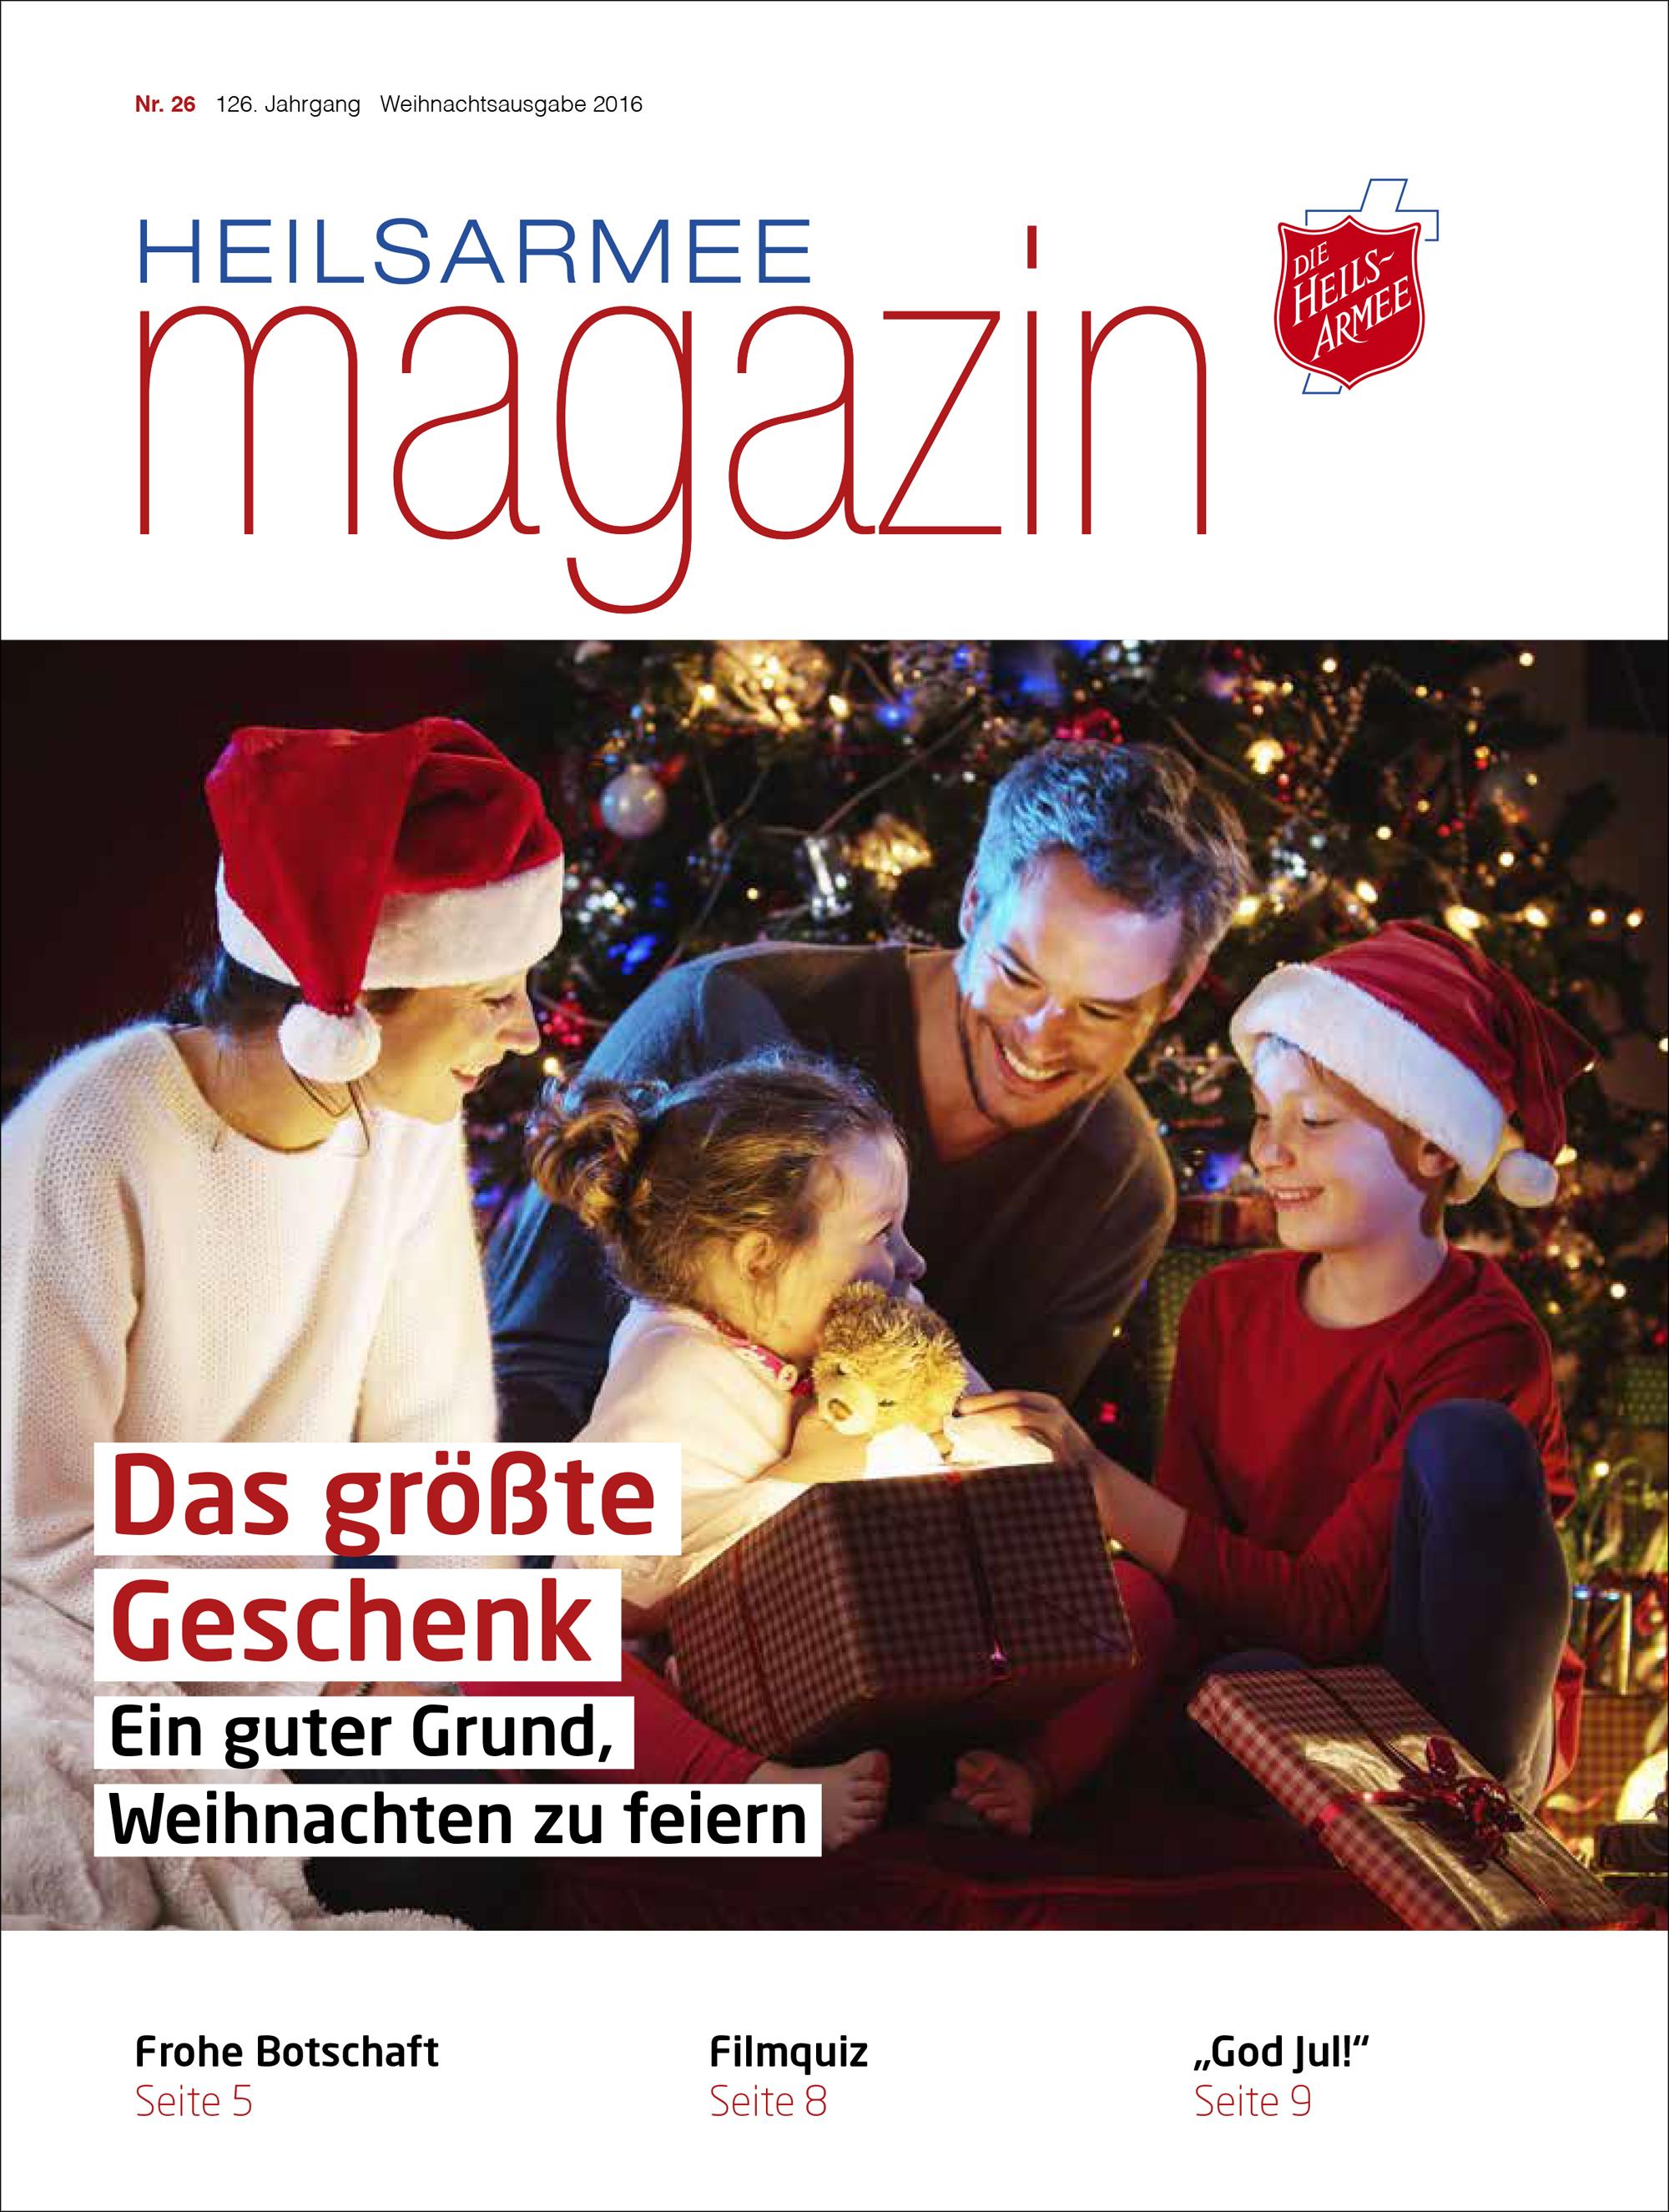 Heilsarmee-Magazin: Ausgabe 26/2016 - Die Heilsarmee in Deutschland